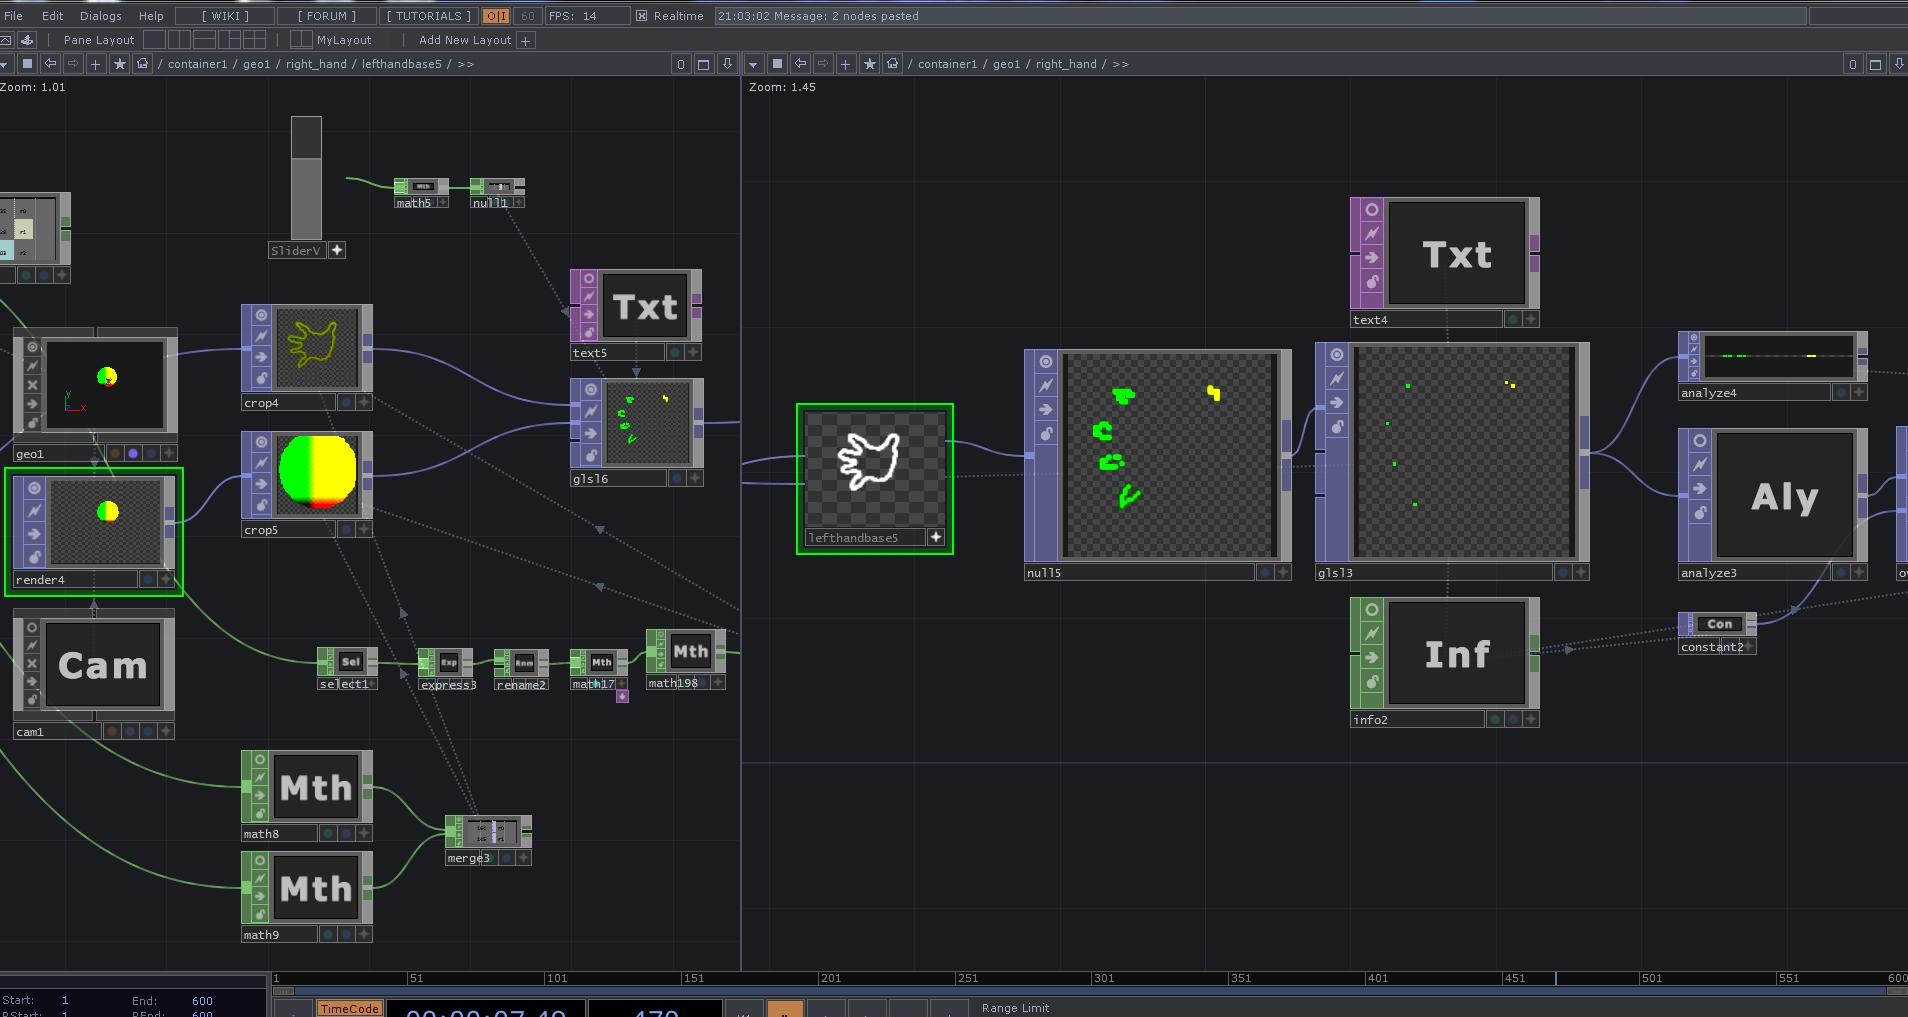 finger_tracking_screenshot_1.jpg